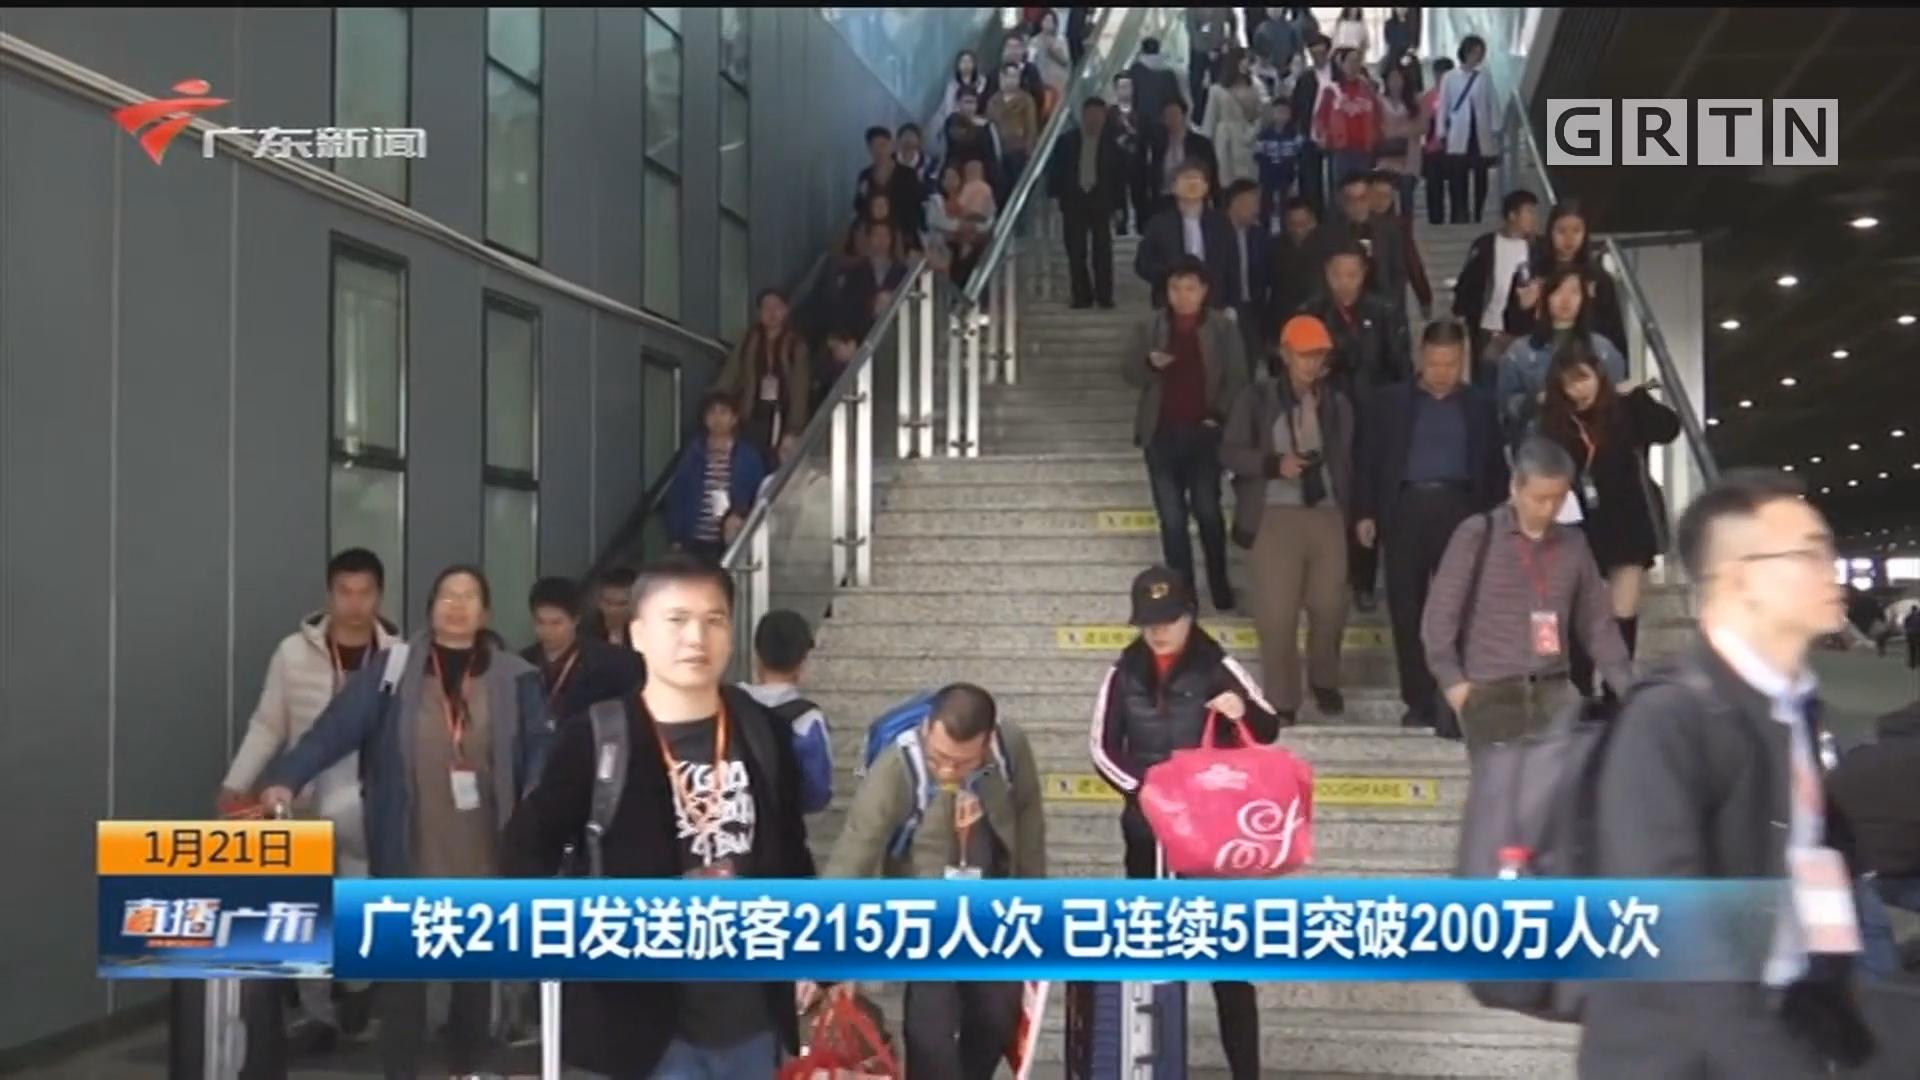 广铁21日发送旅客215万人次 已连续5日突破200万人次